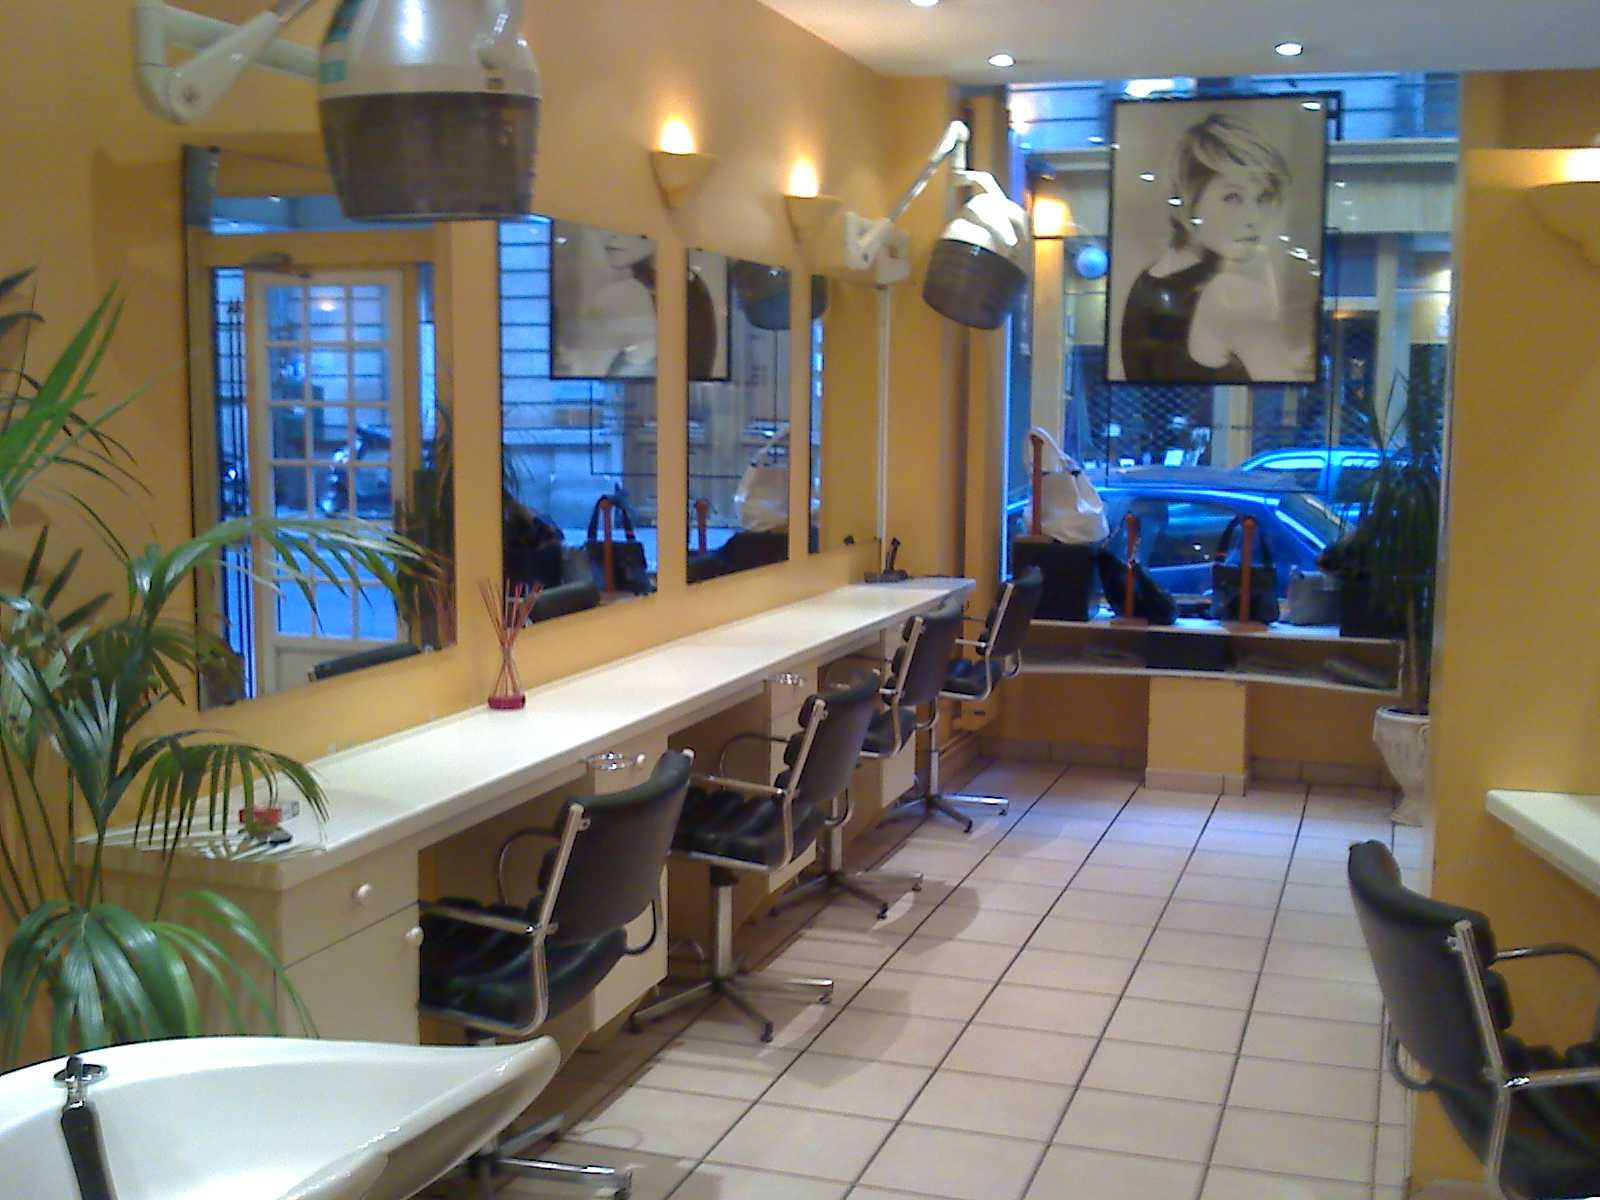 coiffeur paris connaissez vous un bon coiffeur. Black Bedroom Furniture Sets. Home Design Ideas